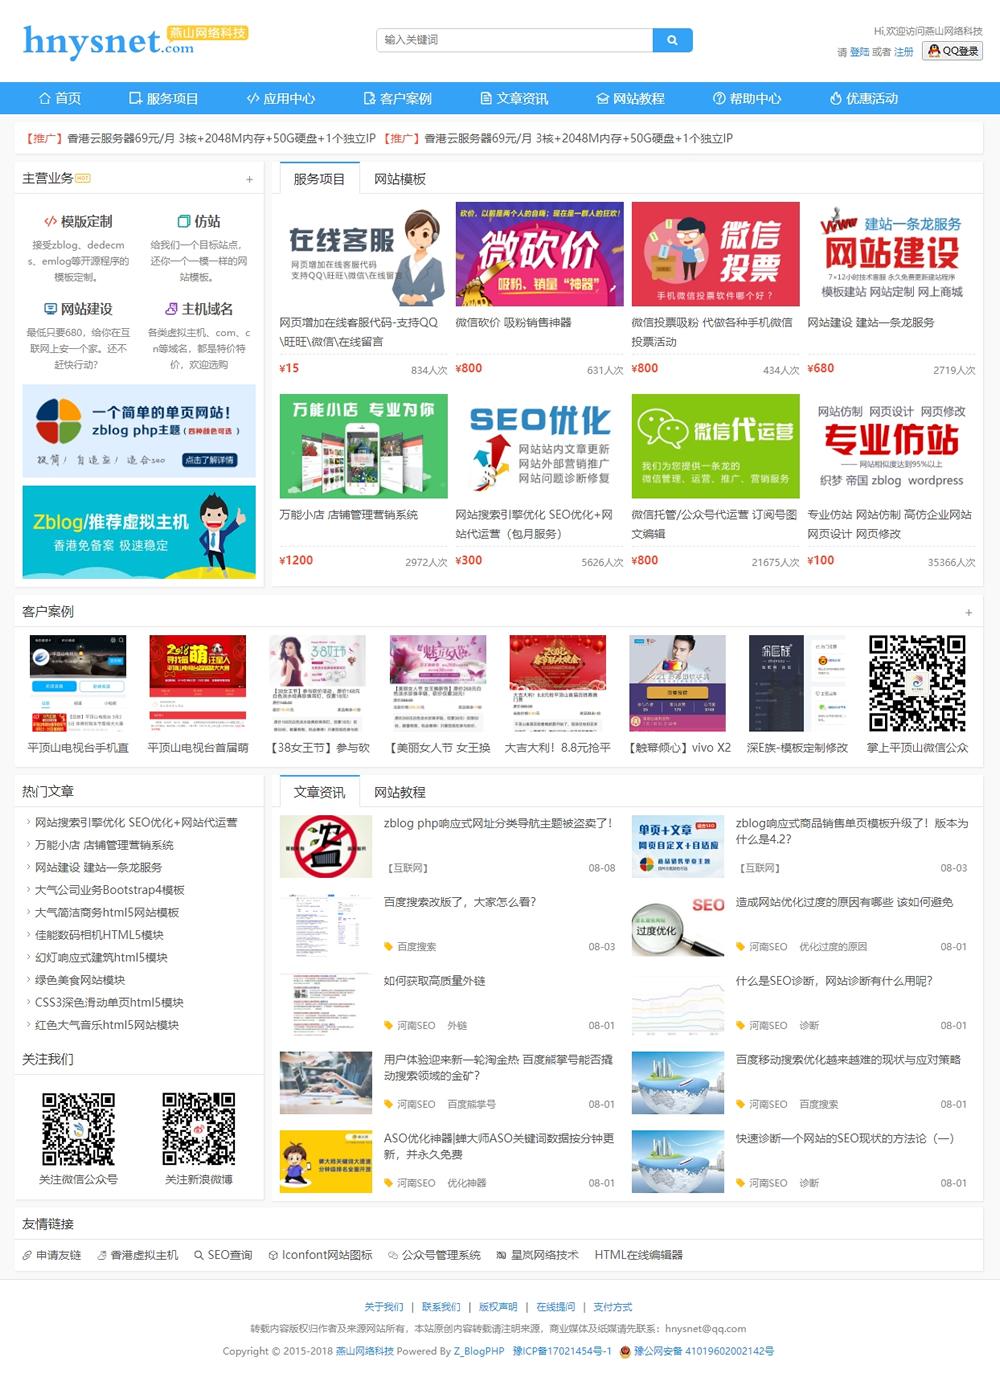 燕山网络科技官网主题2.0上线了 燕山网络科技 互联网  第1张